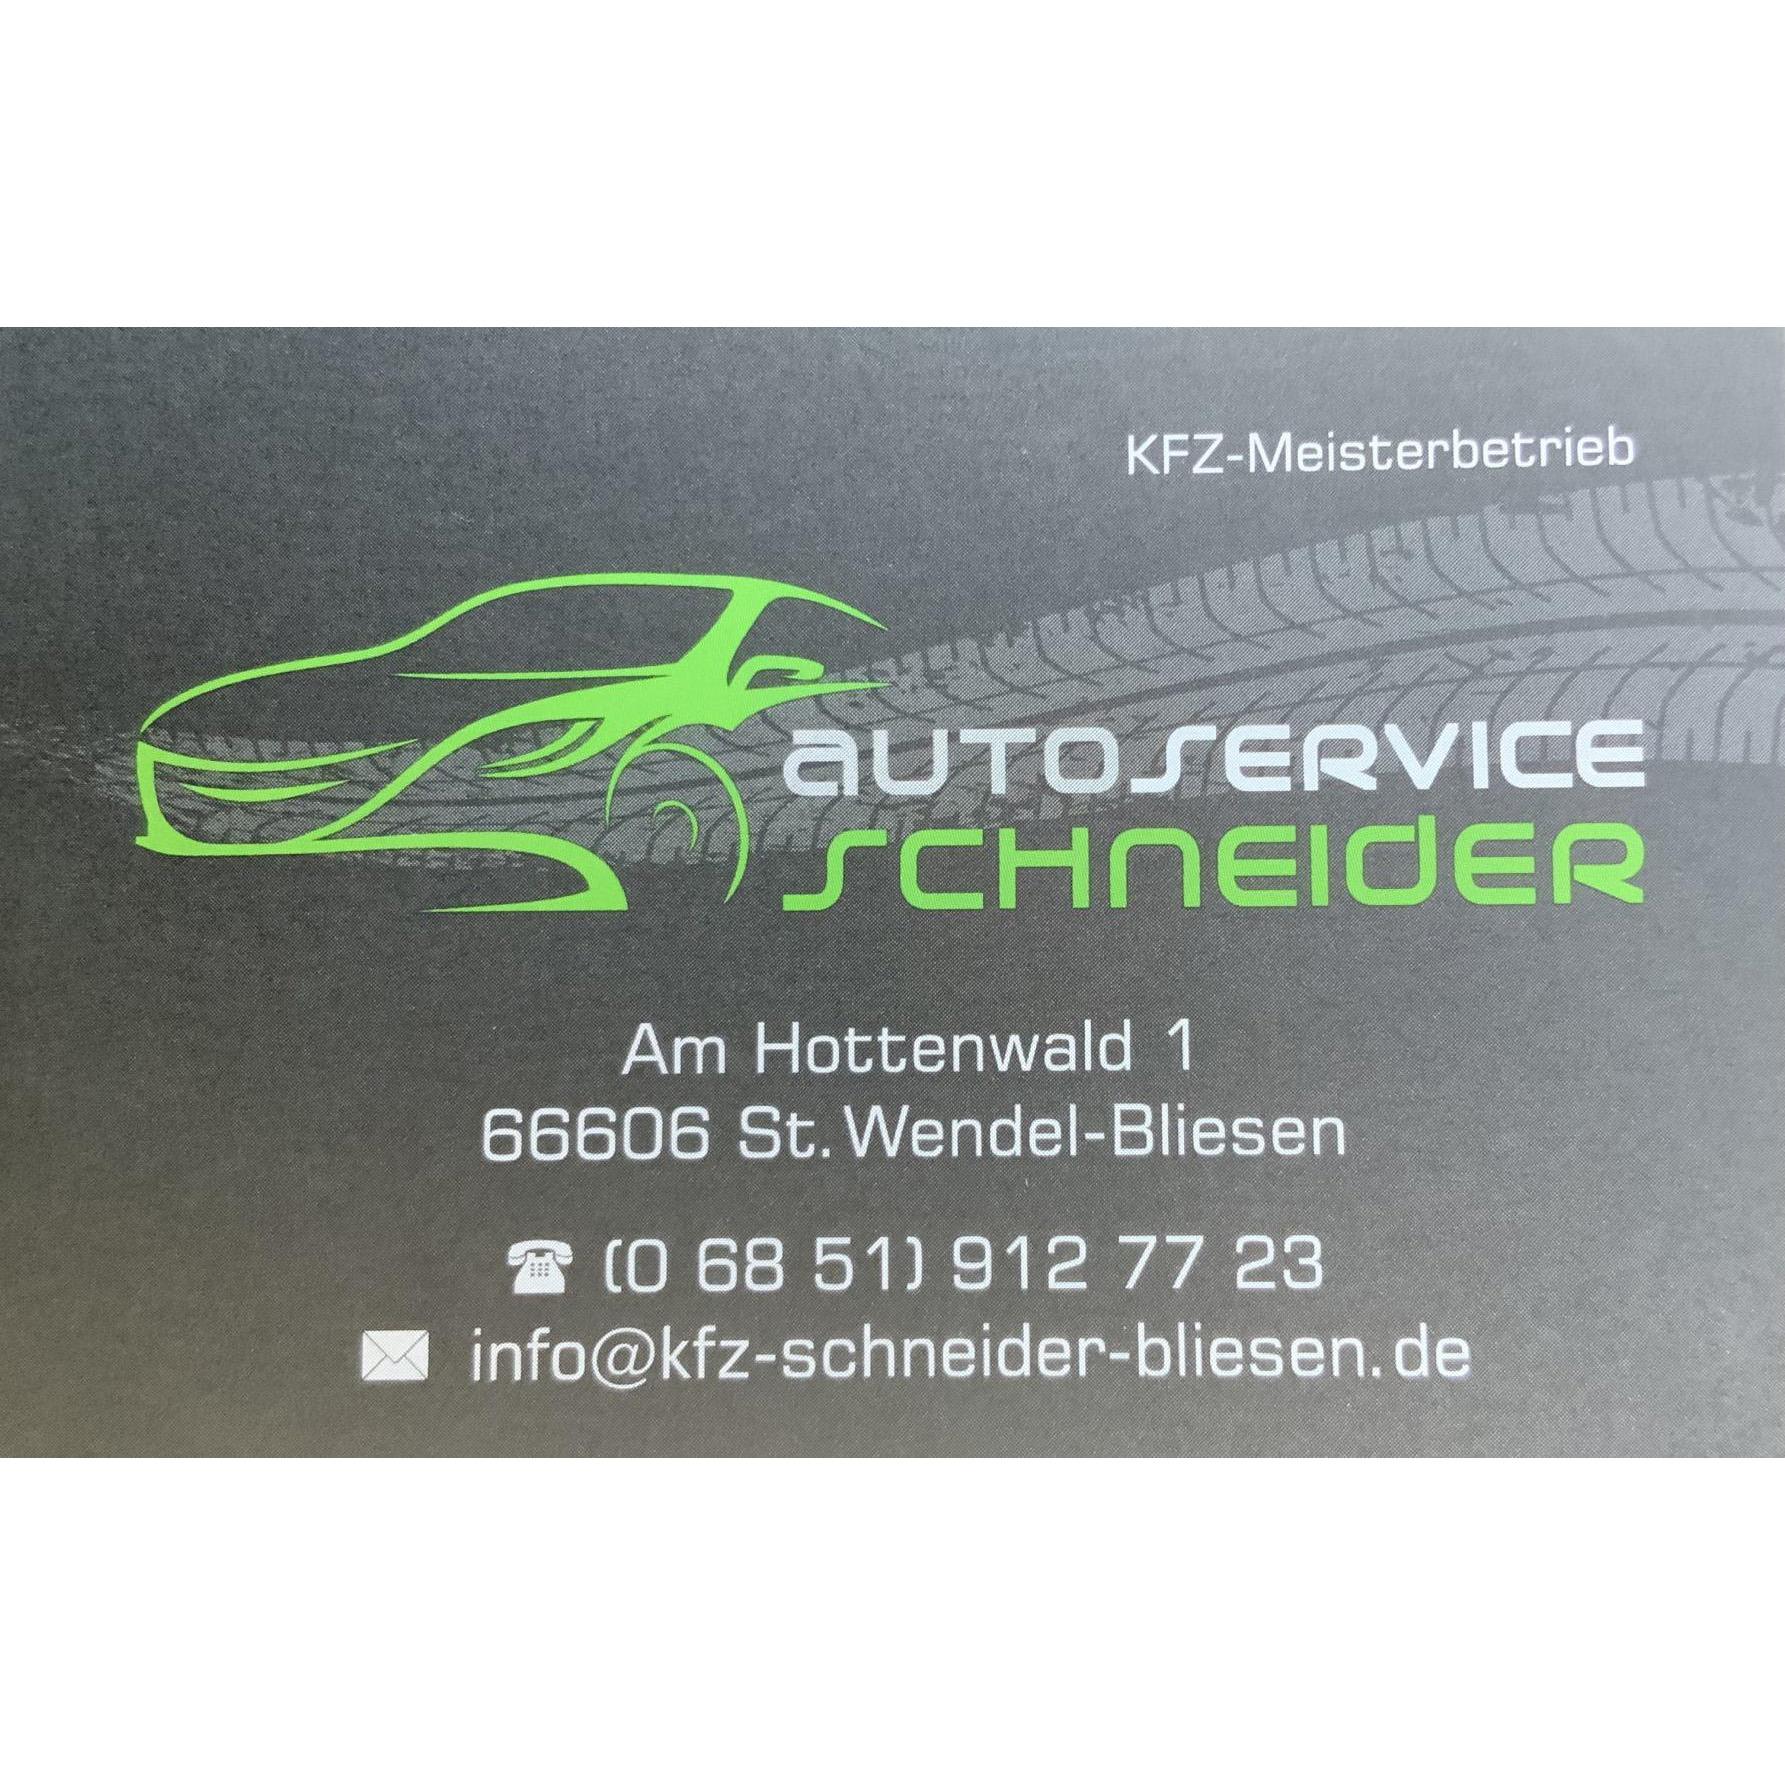 Autoservice Schneider